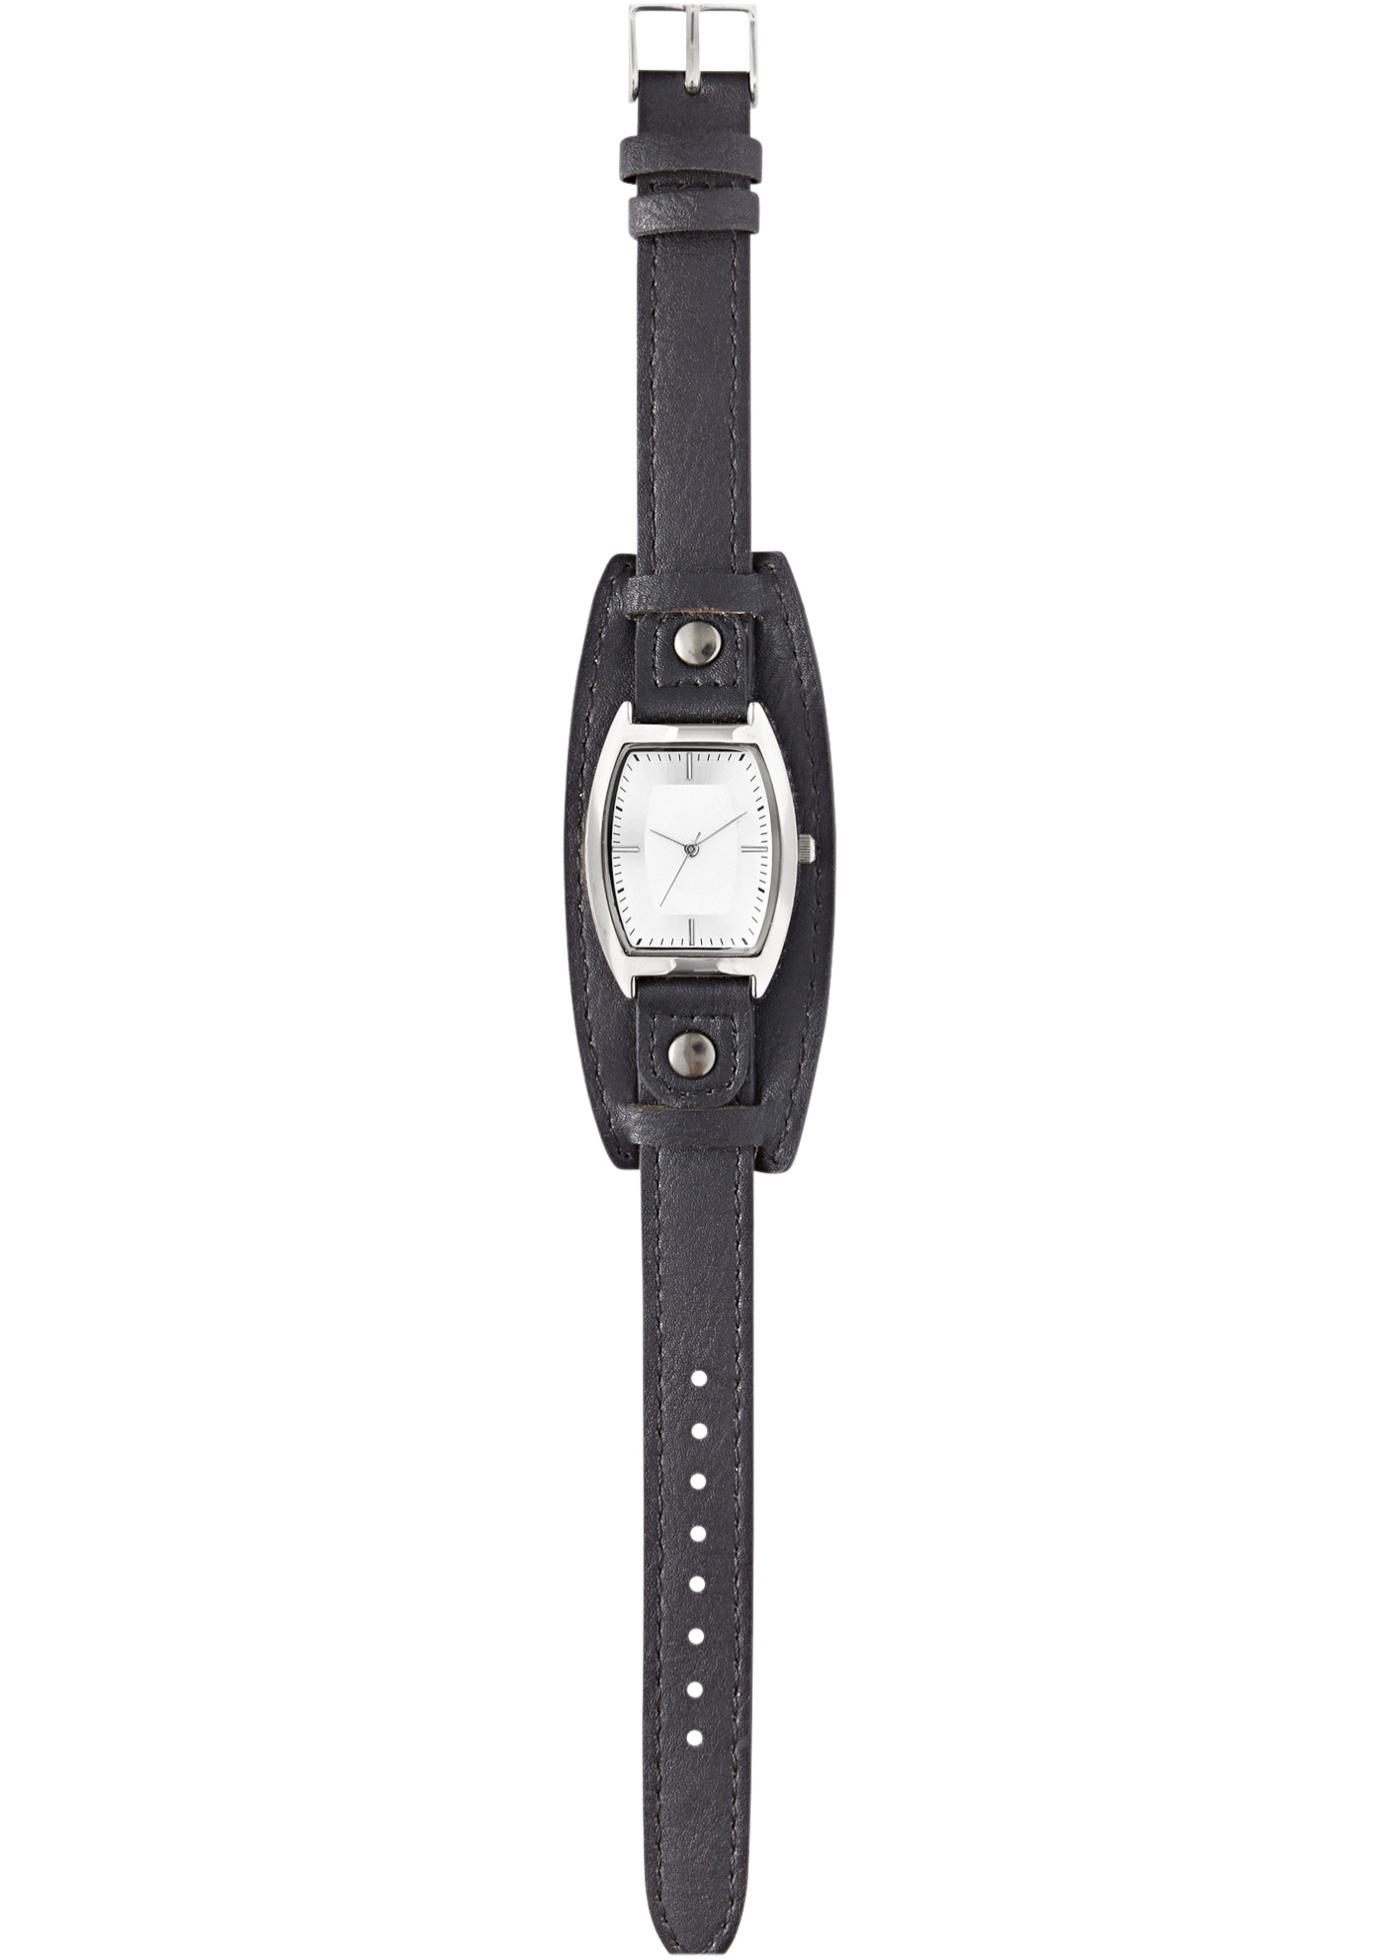 2bfeddbac57 Náramkové hodinky - Černá